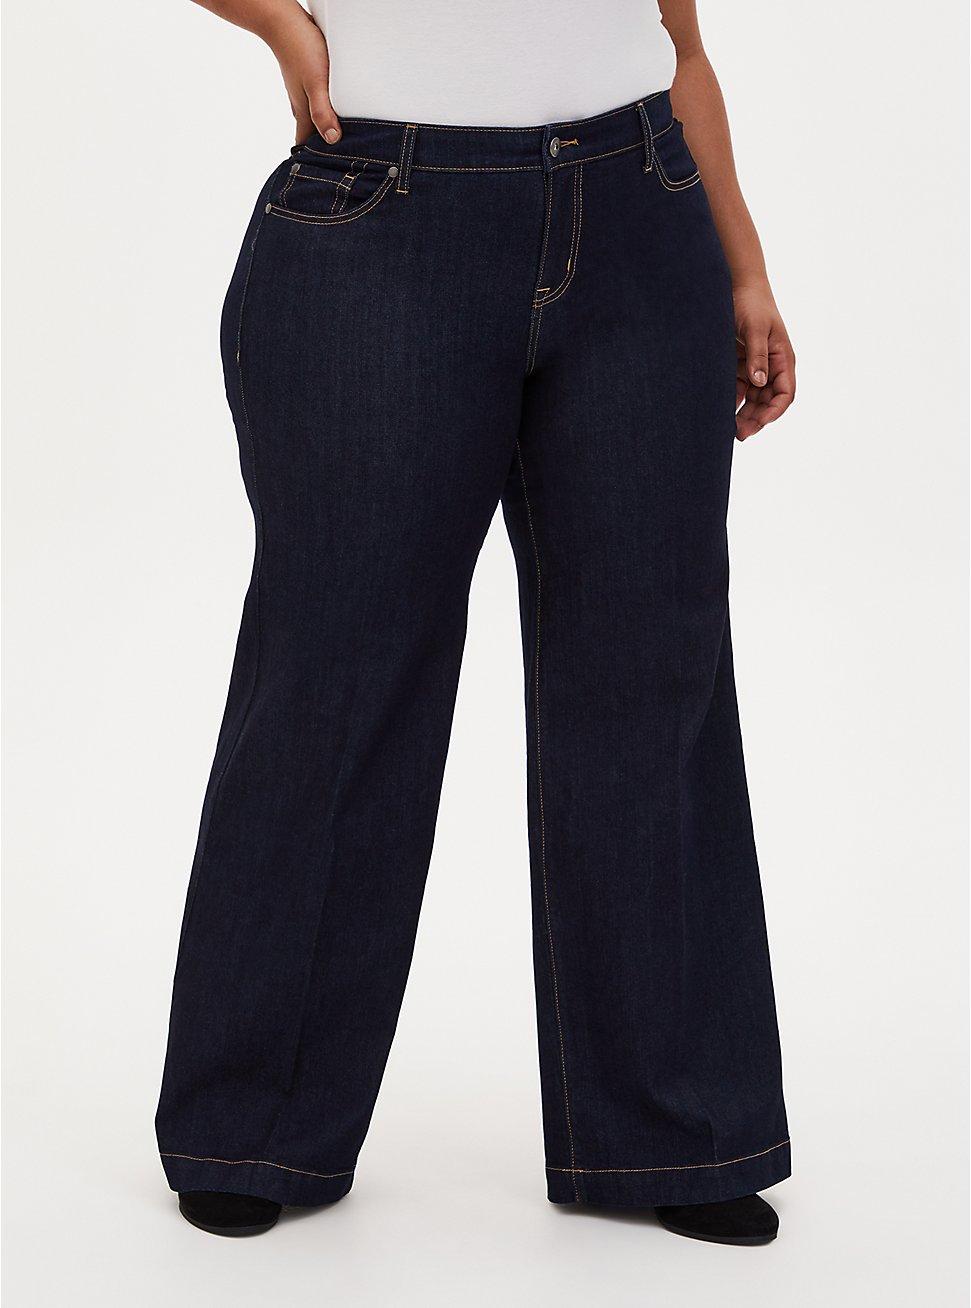 High Rise Wide Leg Jean - Vintage Stretch Dark Wash, OZONE, hi-res